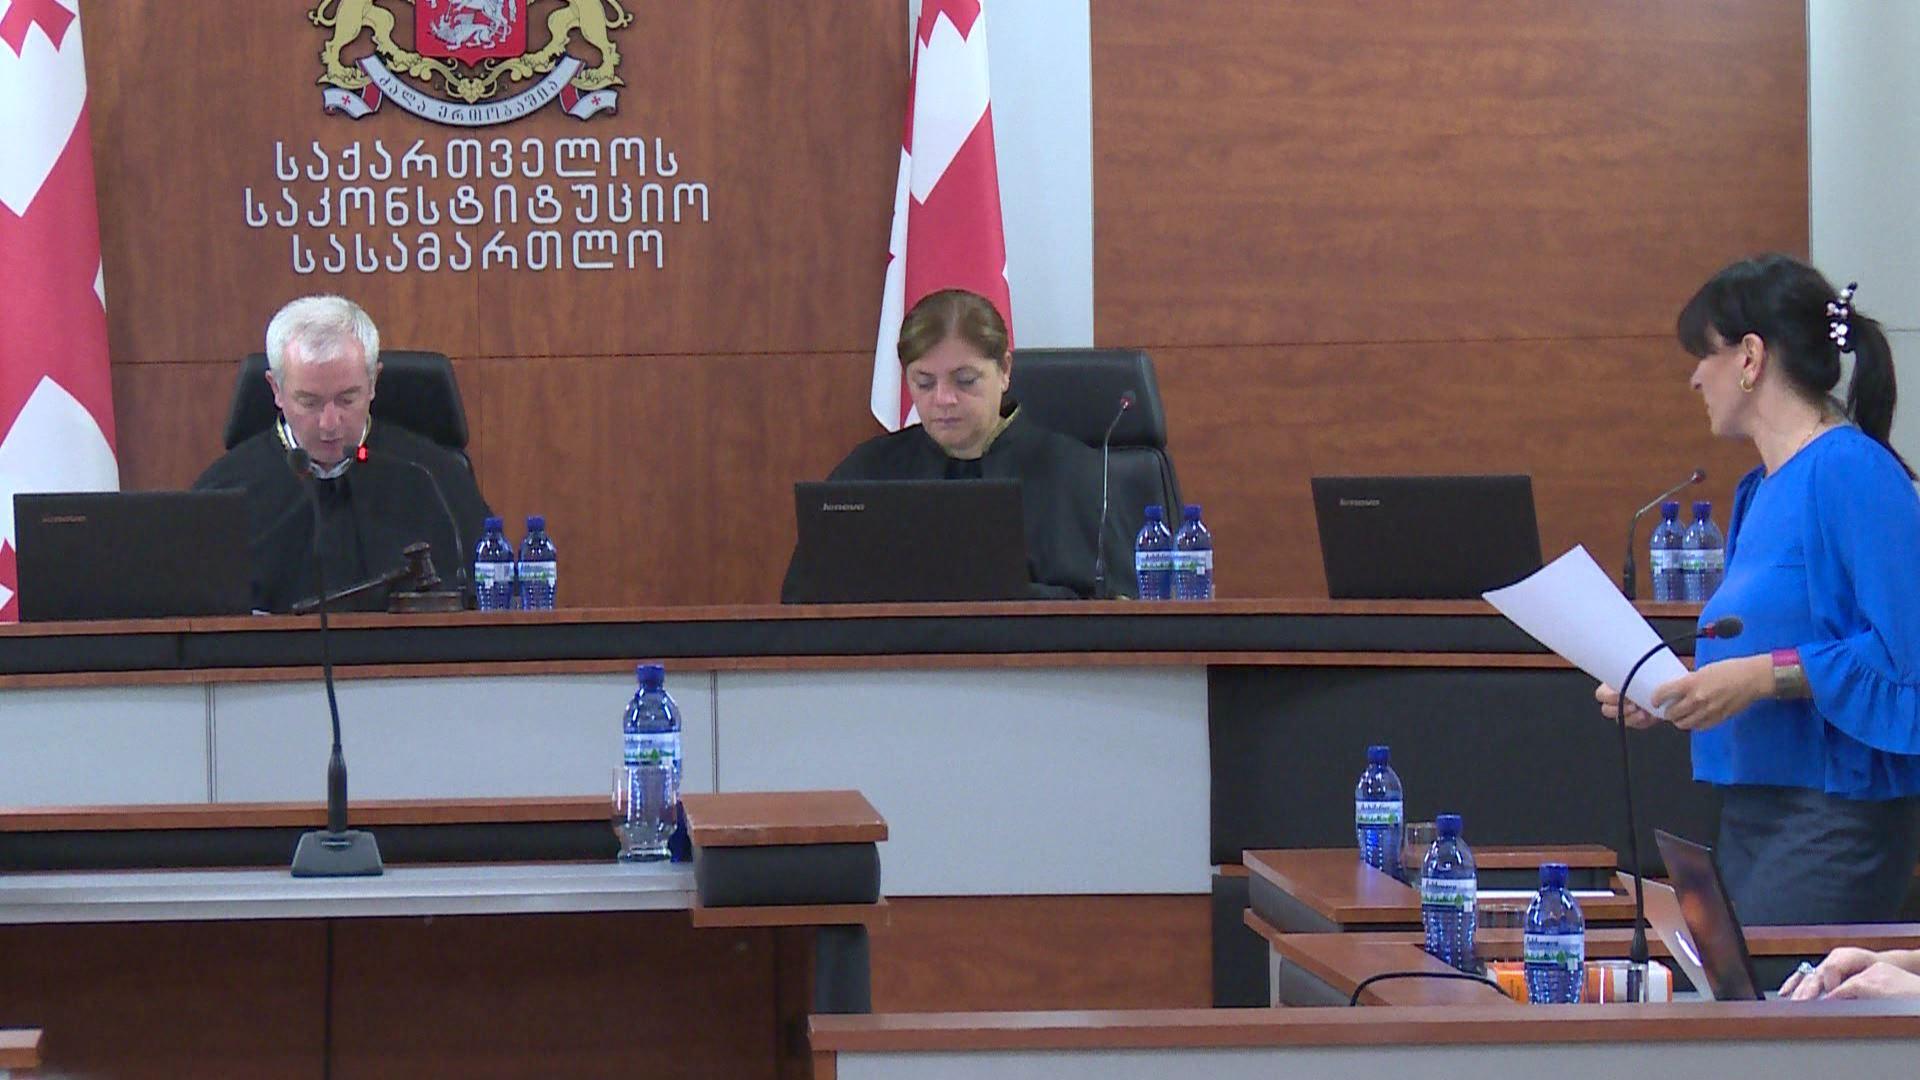 ყადაღა ქონებაზე - სარჩელს საკონსტიტუციო სასამართლო განიხილავს